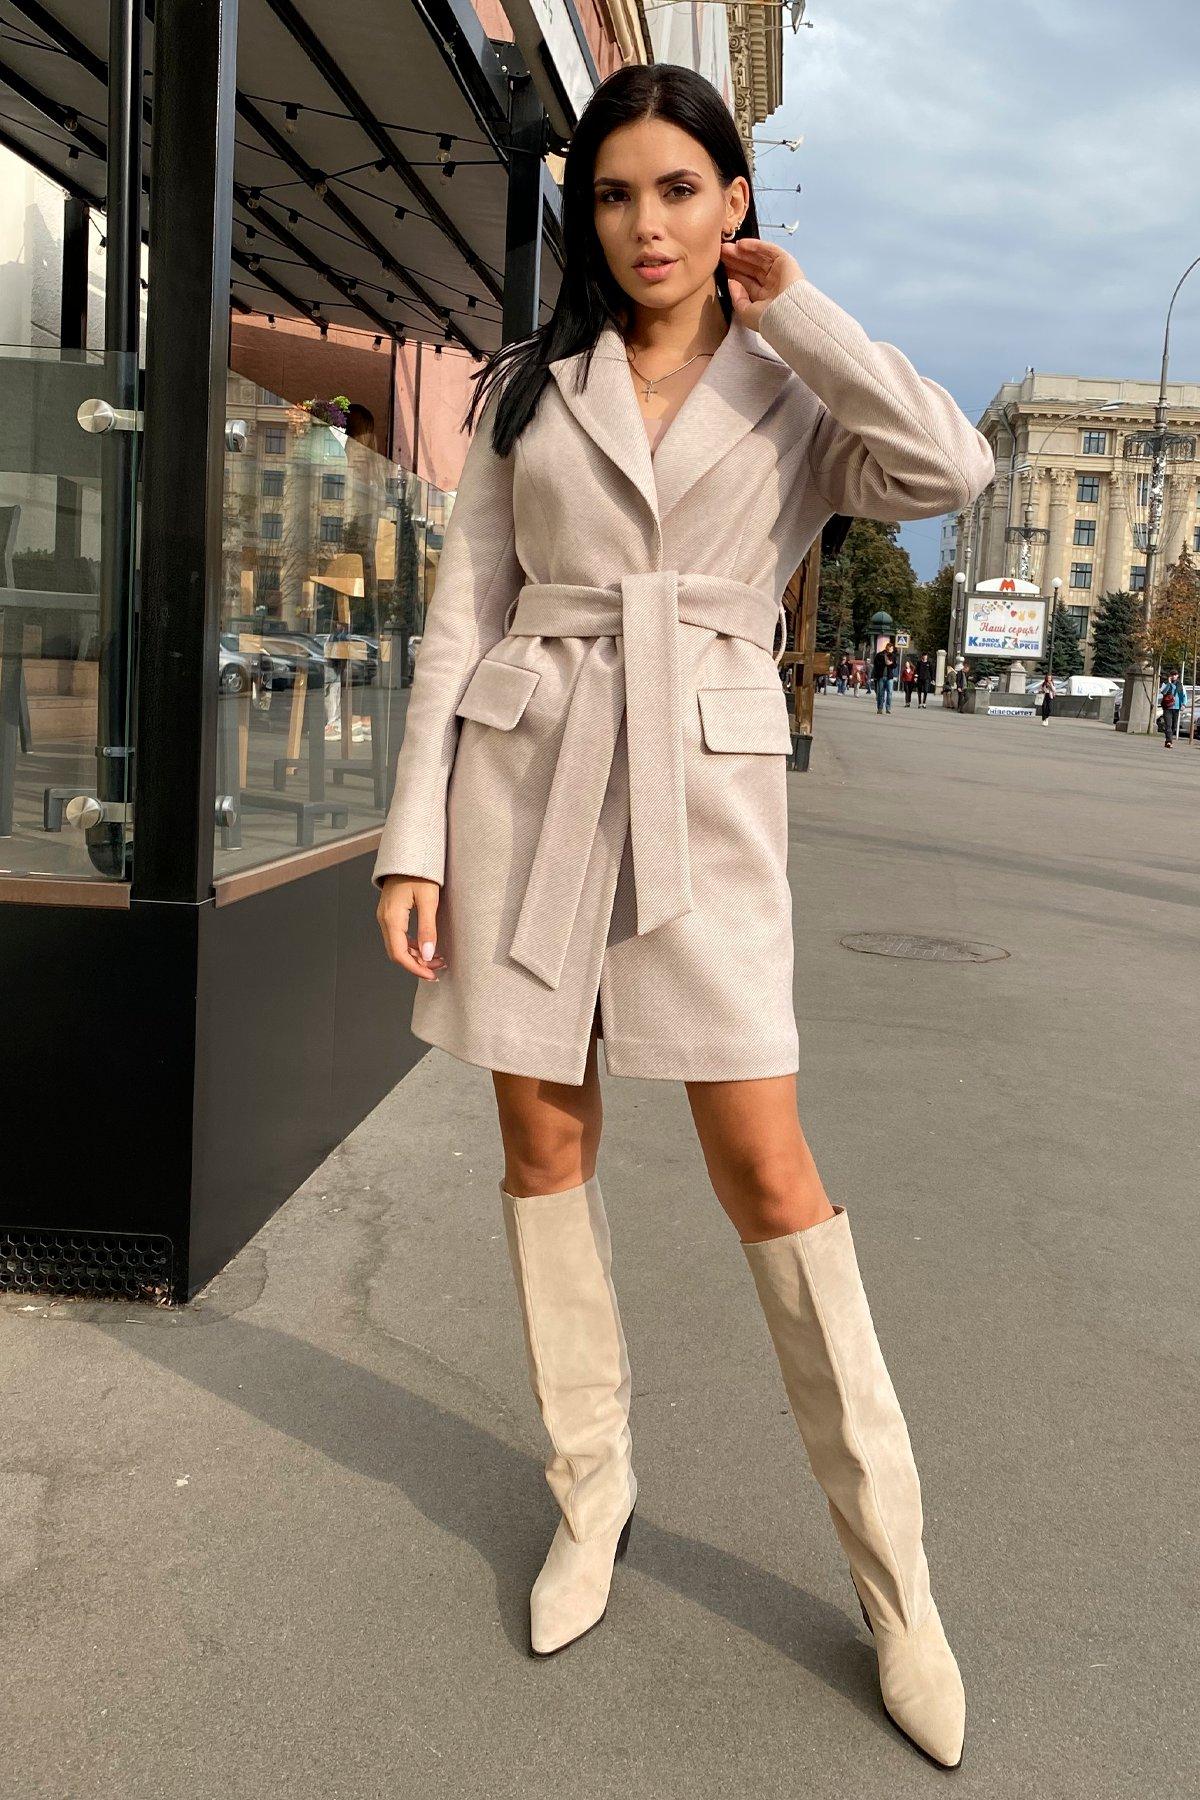 Корси диагональ пальтовая ткань пальто 9882 АРТ. 46168 Цвет: Бежевый Светлый 5 - фото 7, интернет магазин tm-modus.ru